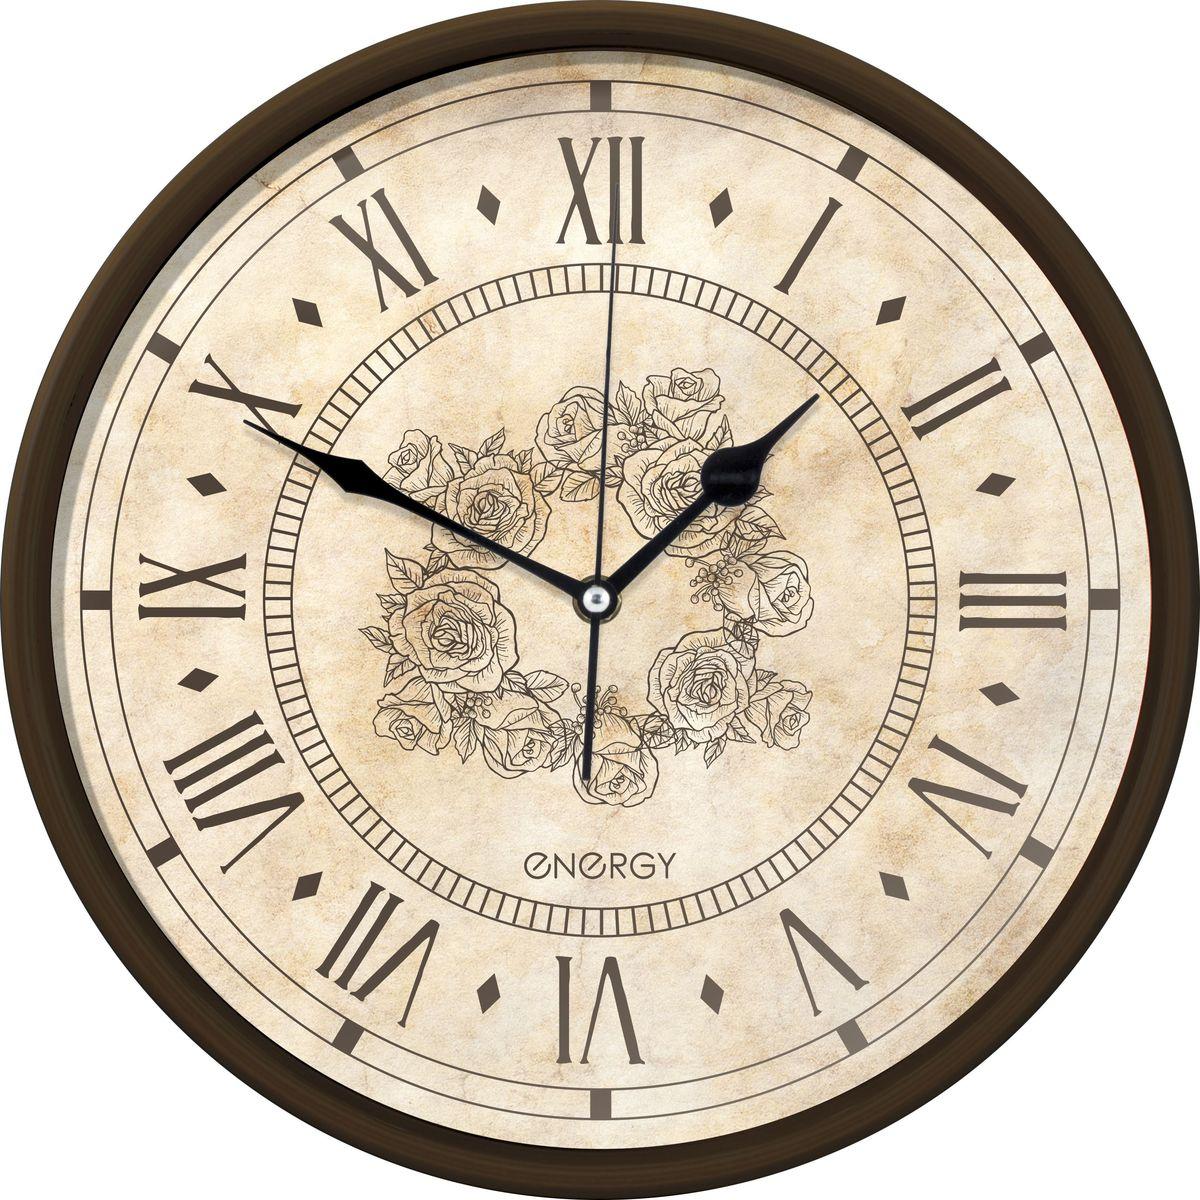 Energy ЕС-106 настенные часыЕС-106Настенные кварцевые часы с плавным ходом Energy ЕС-106 имеют оригинальный яркий дизайн и поэтому подойдут для вашего дома или офиса, декорированного в подобном стиле. Крупные цифры коричневого цвета отлично различимы даже в условиях плохого освещения. Питание осуществляется от 1 батарейки типа АА (в комплект не входит). Размер 32 см х 4,5 см Рекомендуем!